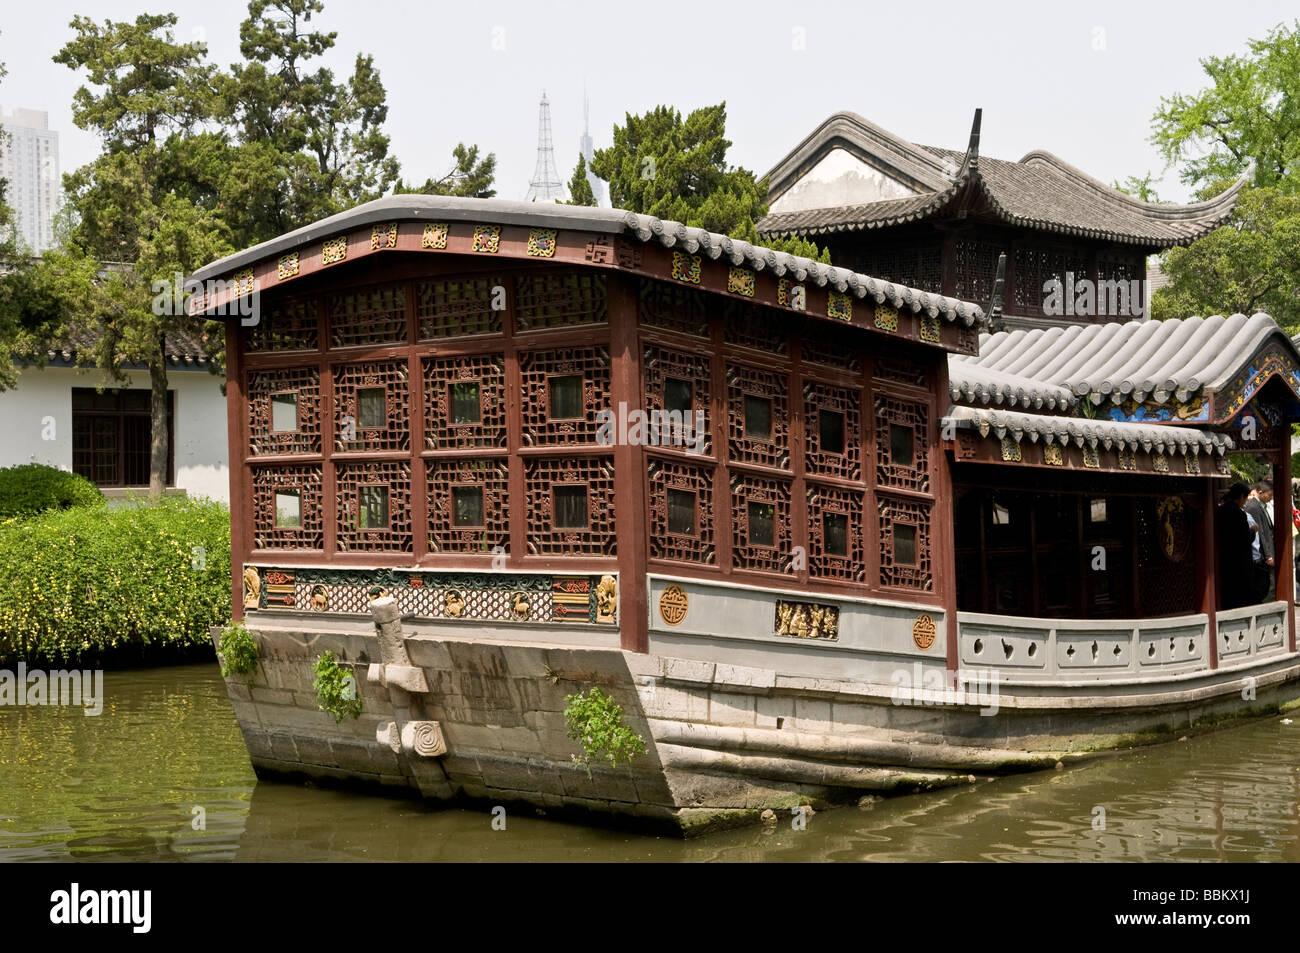 Case Tradizionali Cinesi : Bello stile cinese giardini con case tradizionali presso i